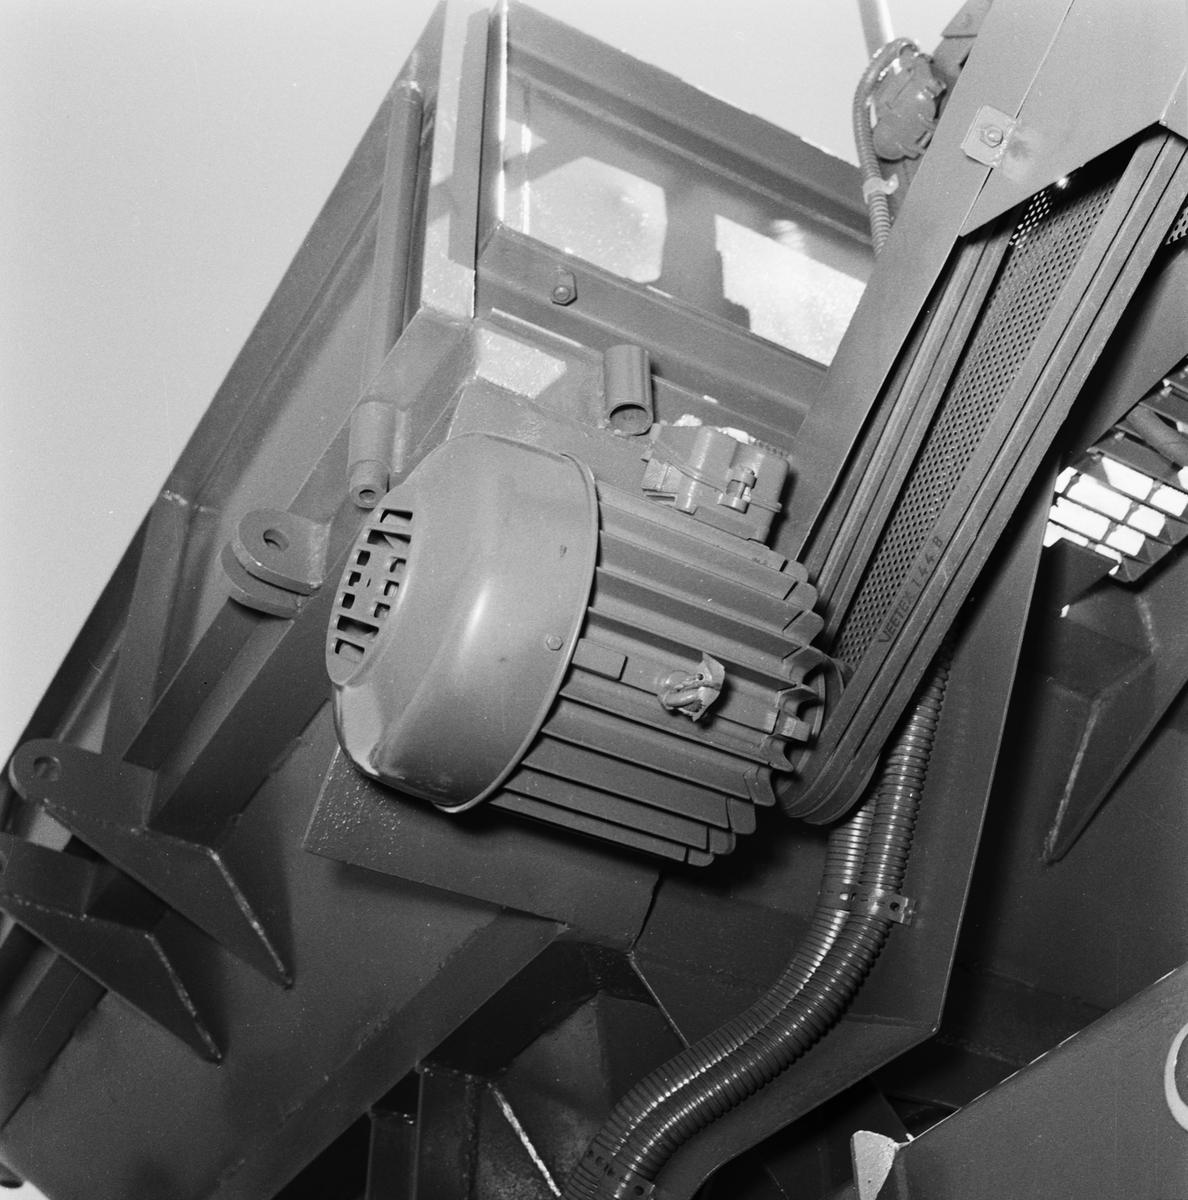 Övrigt: Foto datum: 16/6 1959 Byggnader och kranar El installation i sorteringsverk